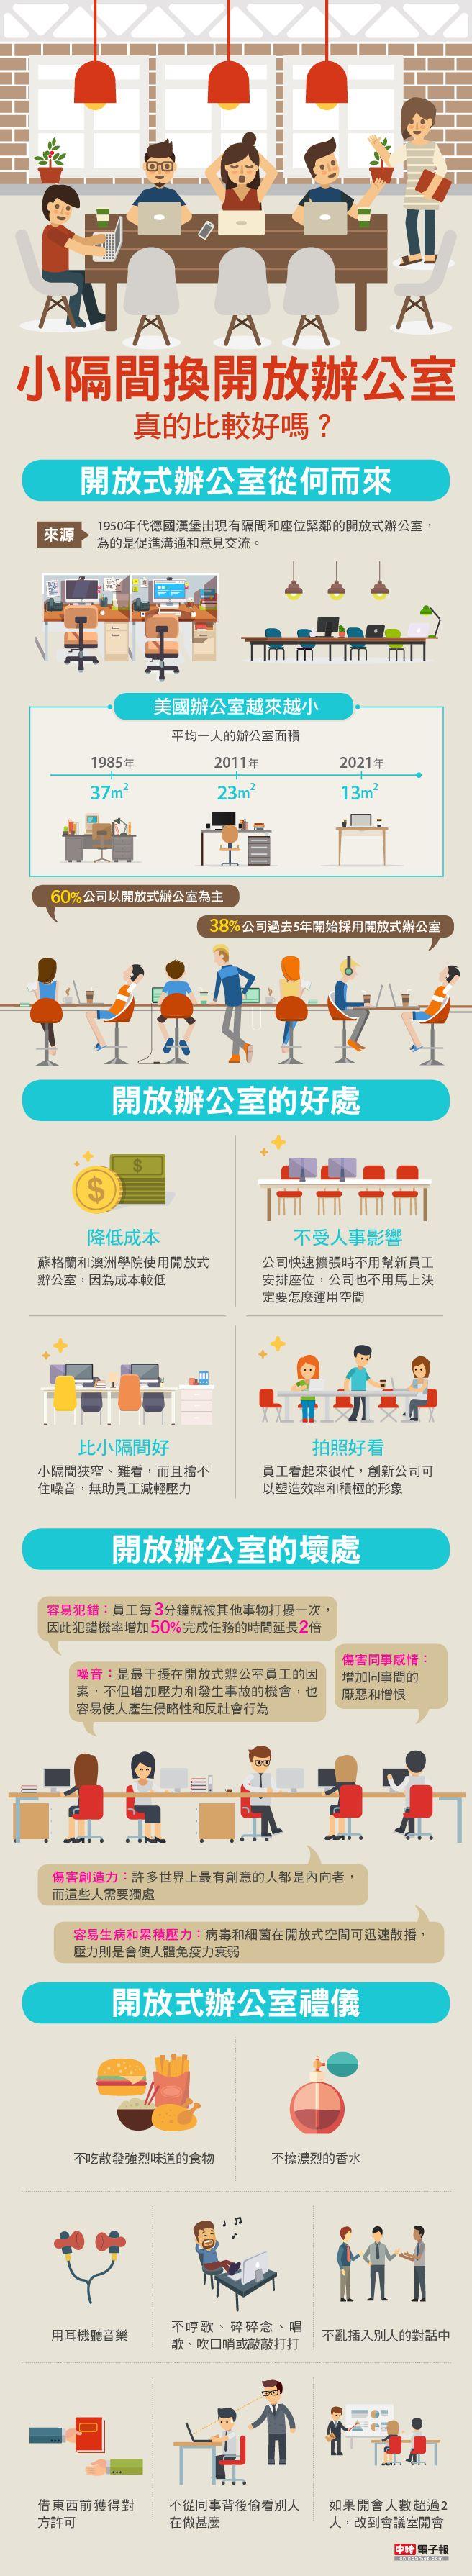 圖解新聞》小隔間換開放辦公室,真的比較好嗎? Infographic: the pros and cons of open office